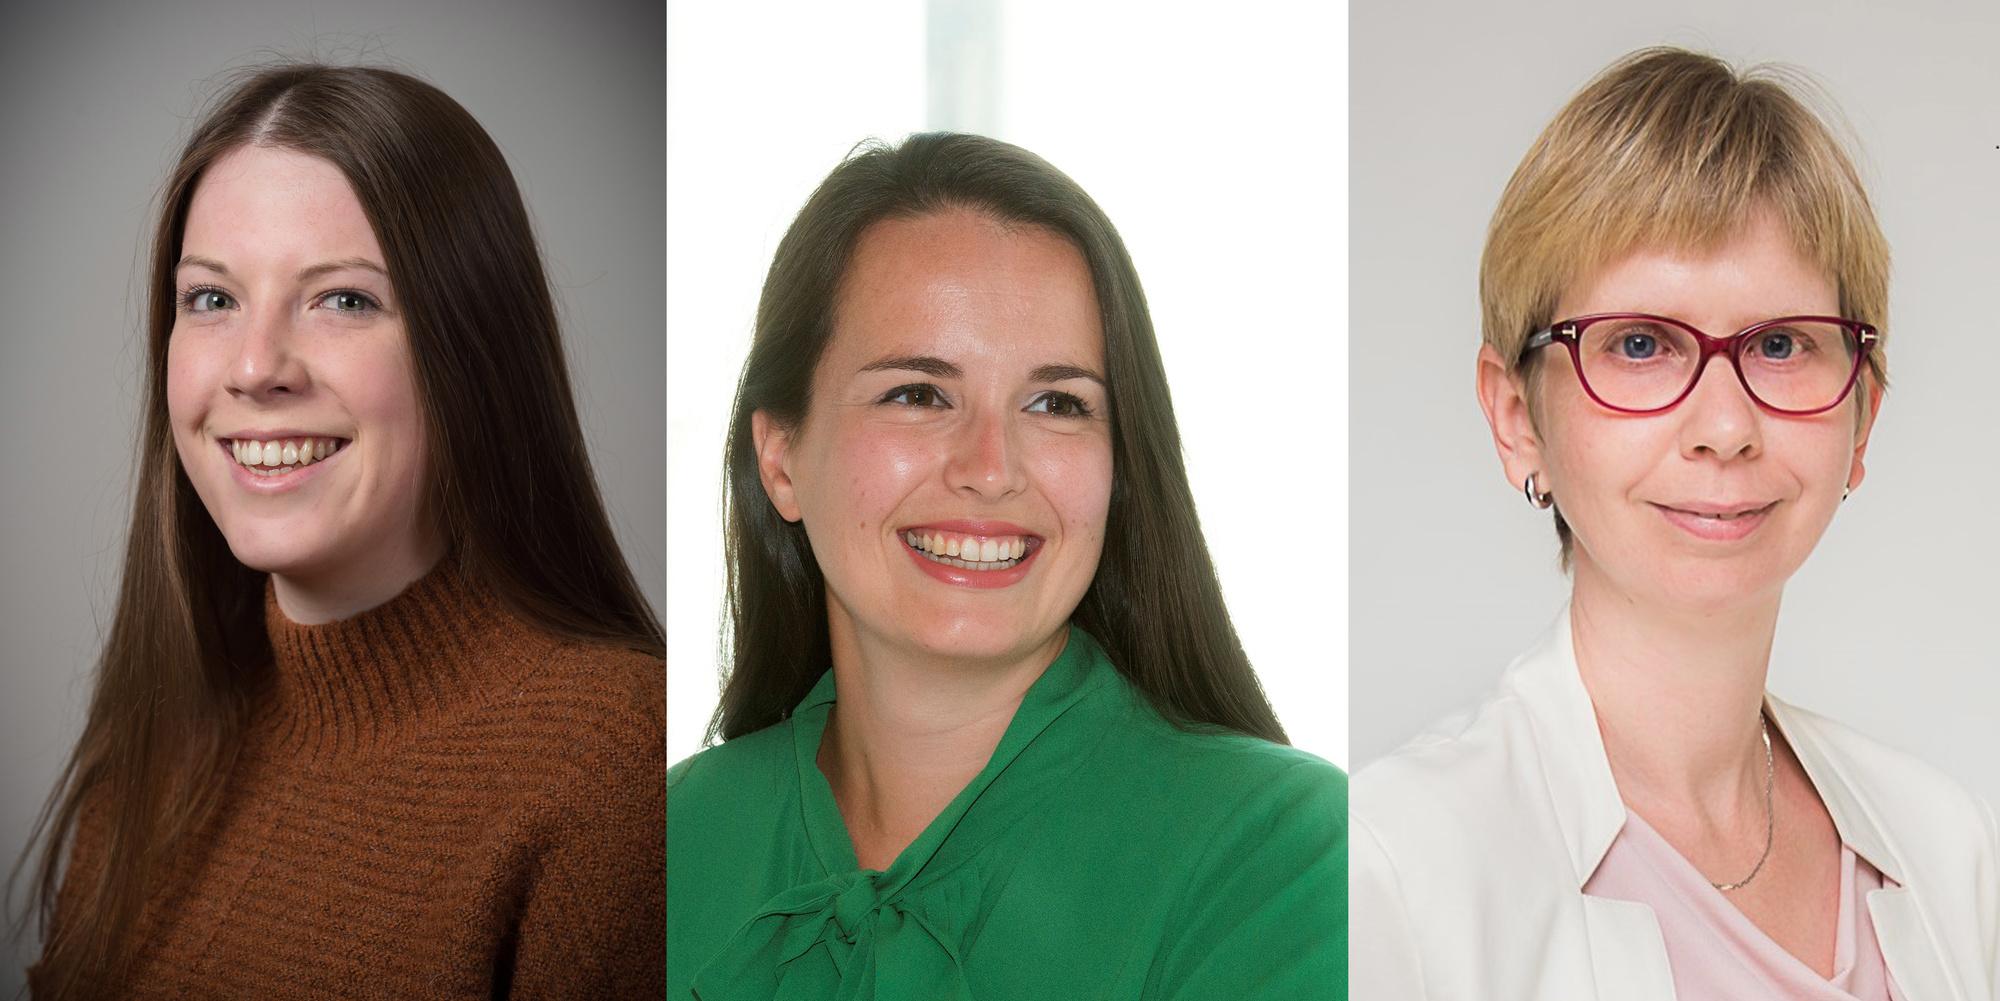 Van links naar rechts: Inke Torfs, doctoraal onderzoeker. Lieselot Danneels, professor e-governance en Ellen Wayenberg, professor publiek beleid en bestuur, .